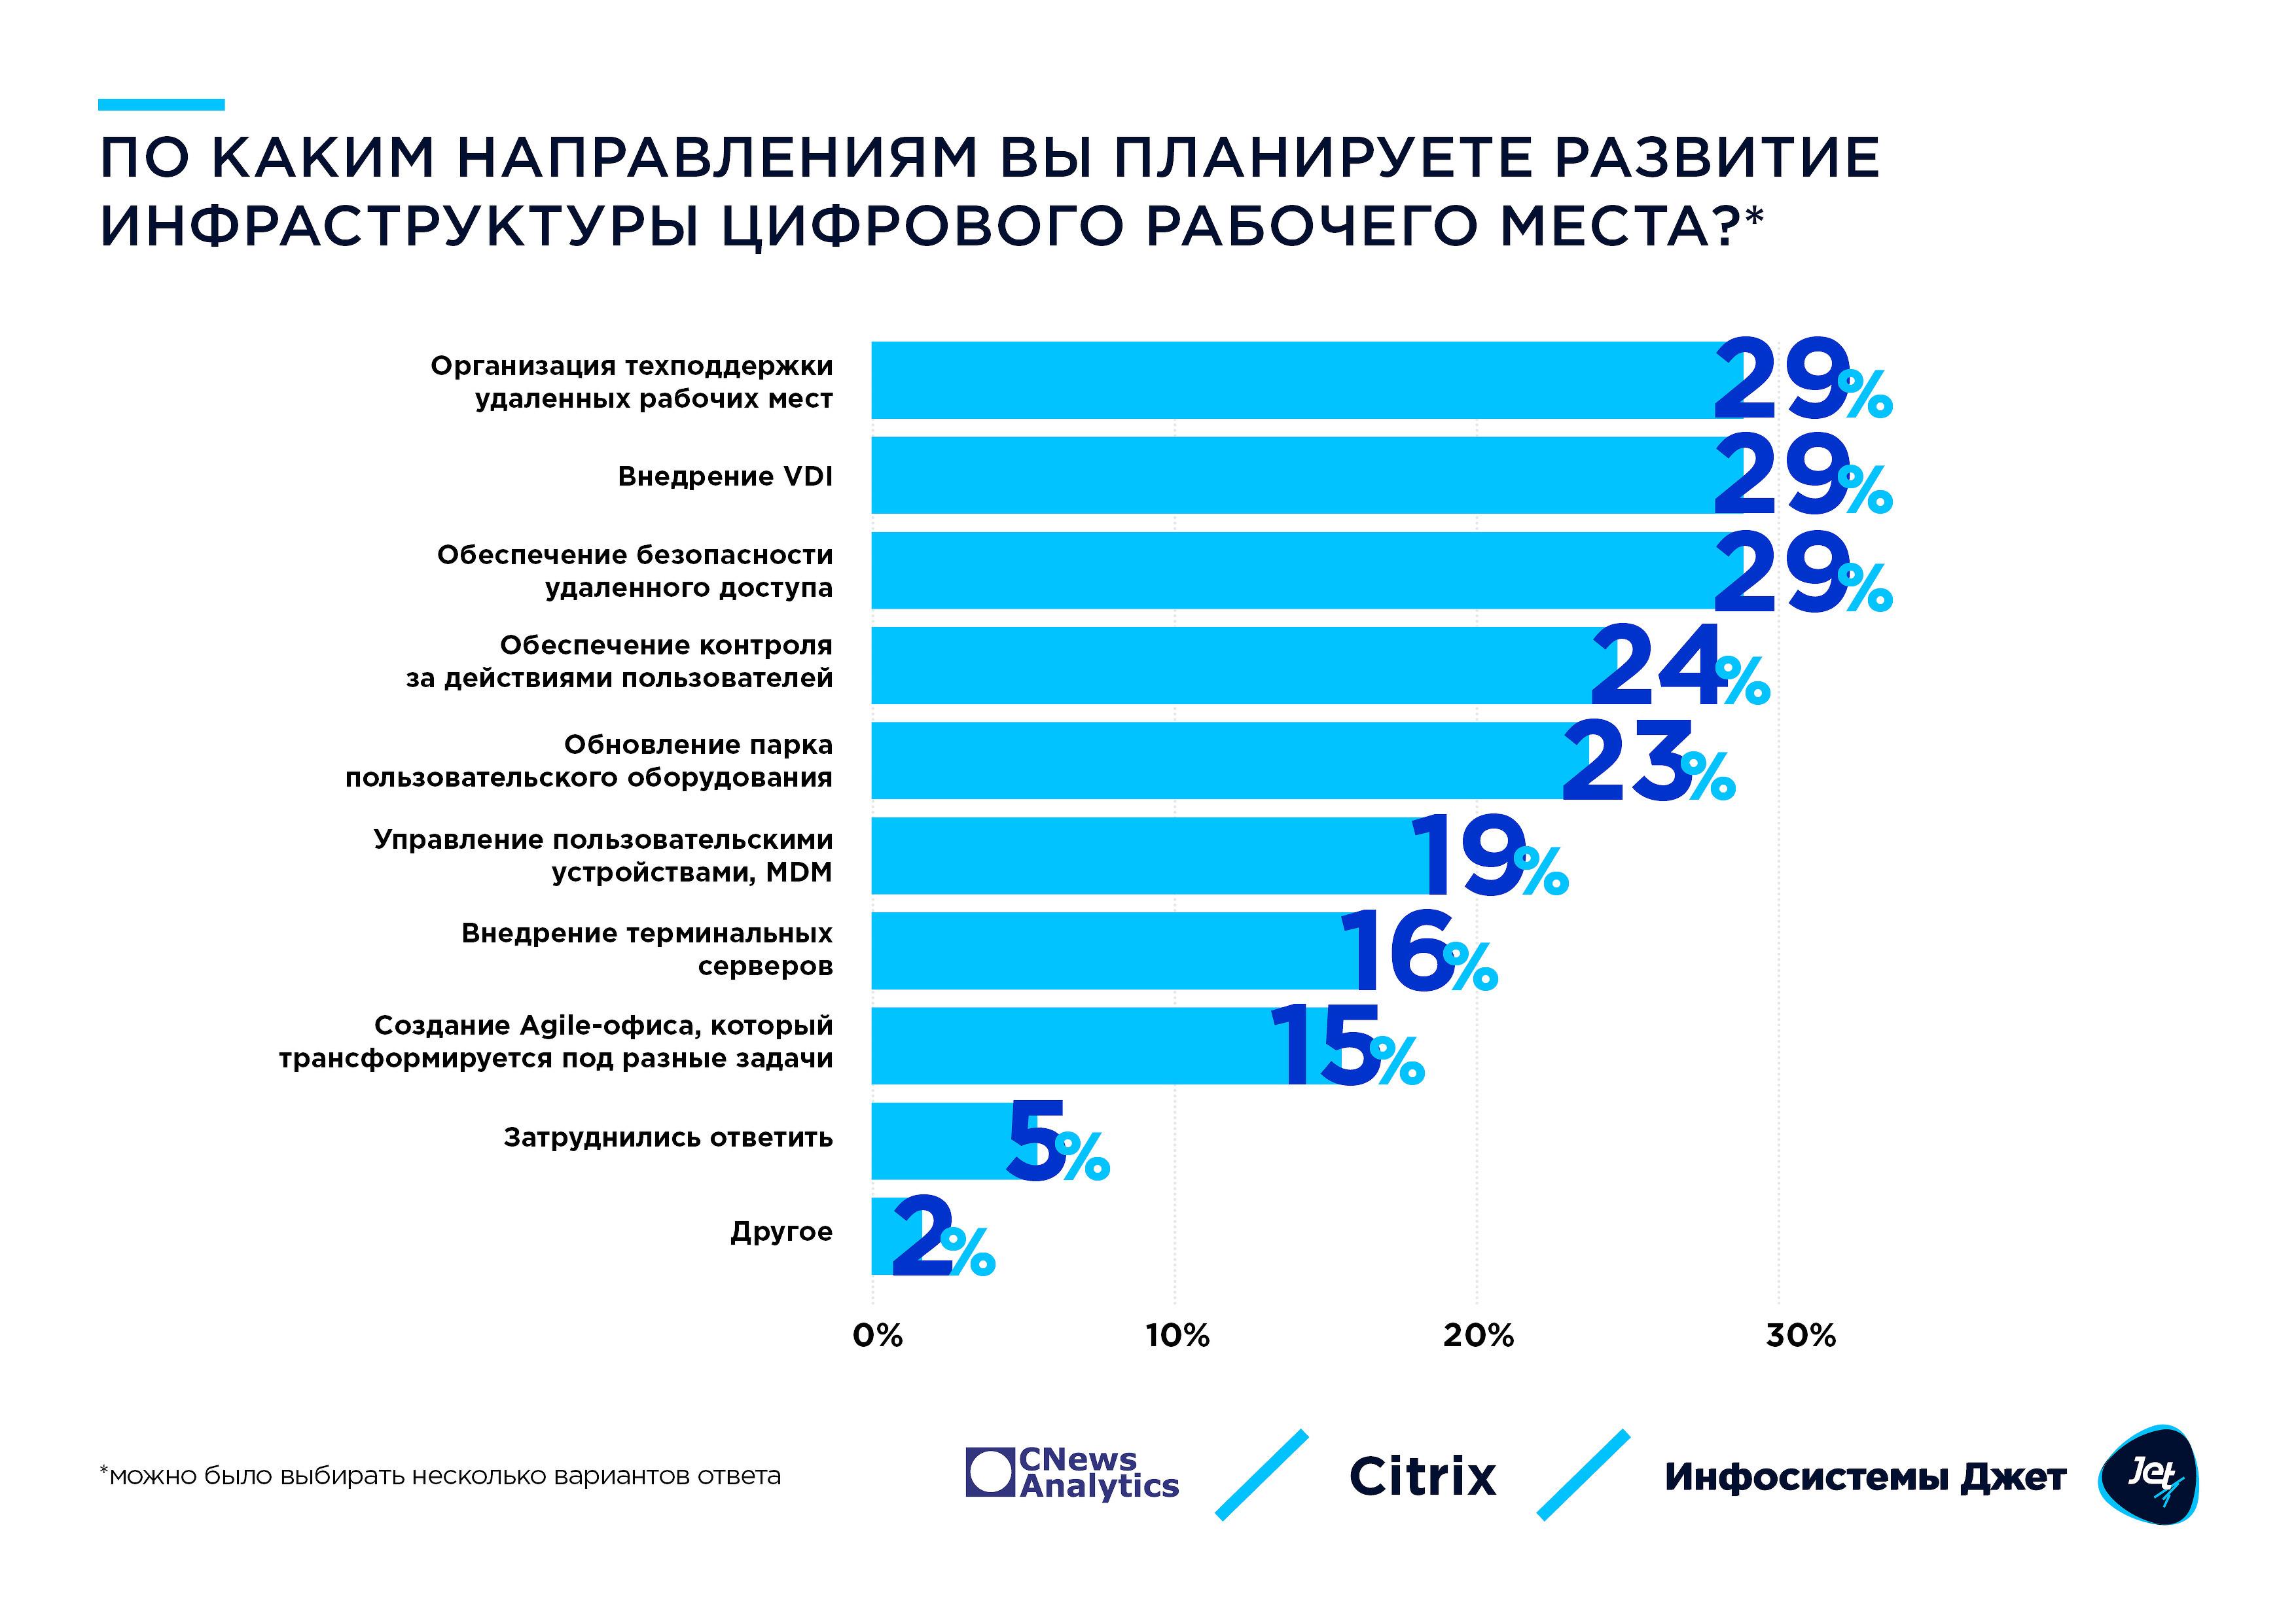 7_plany_po_razvitiyu_infry_udalennoj_raboty.jpg